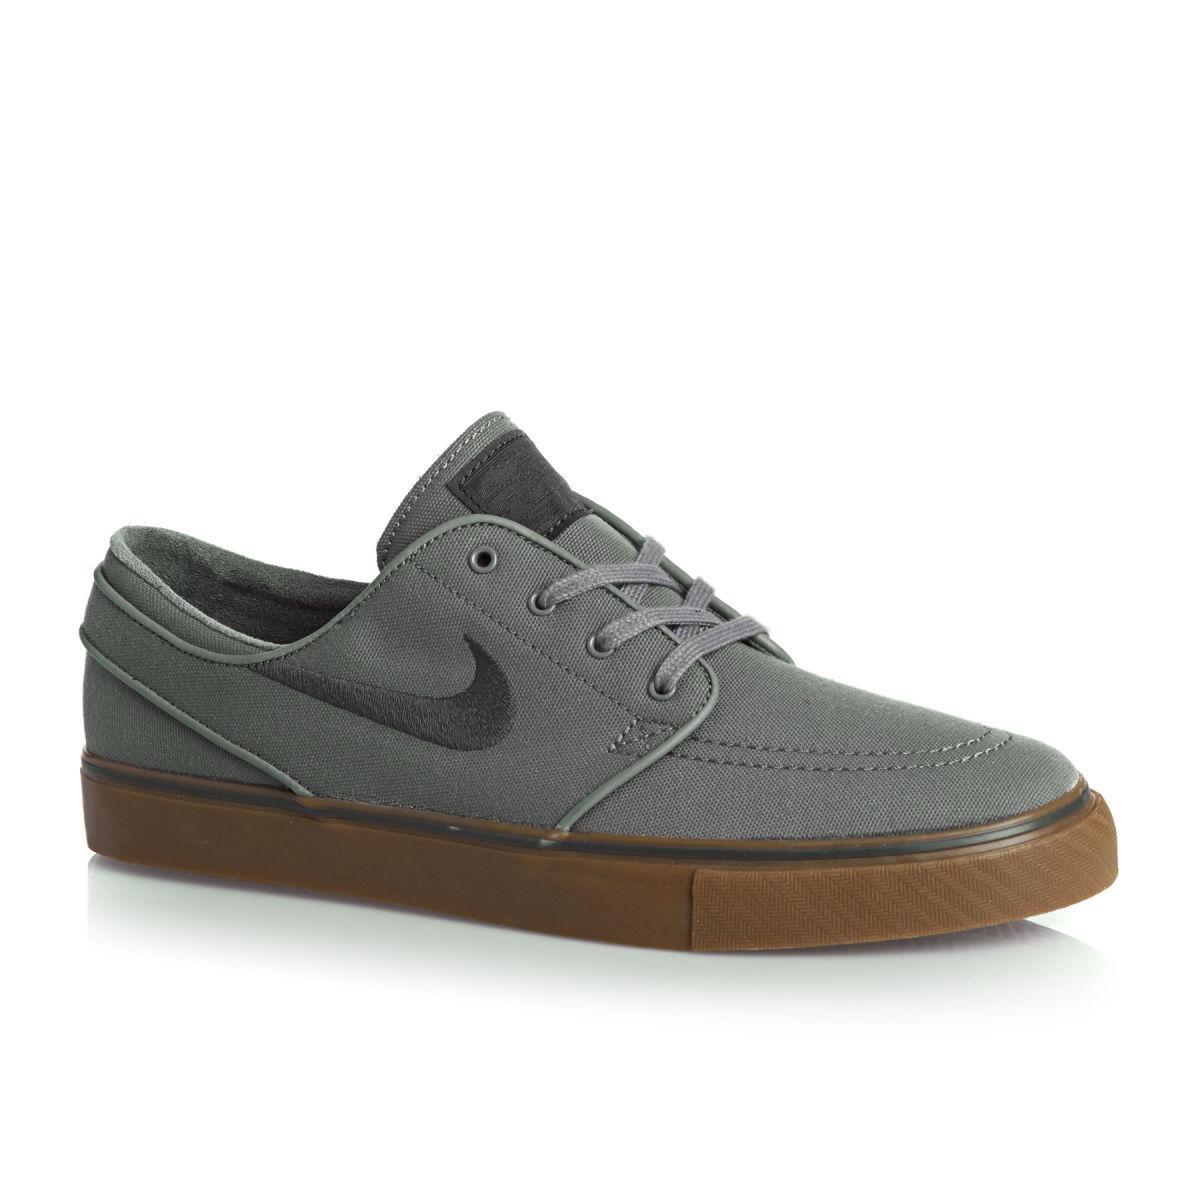 Nike sb stefan janoski grey / gomma skateboard Uomo scarpe nuove di zecca in scatola!!